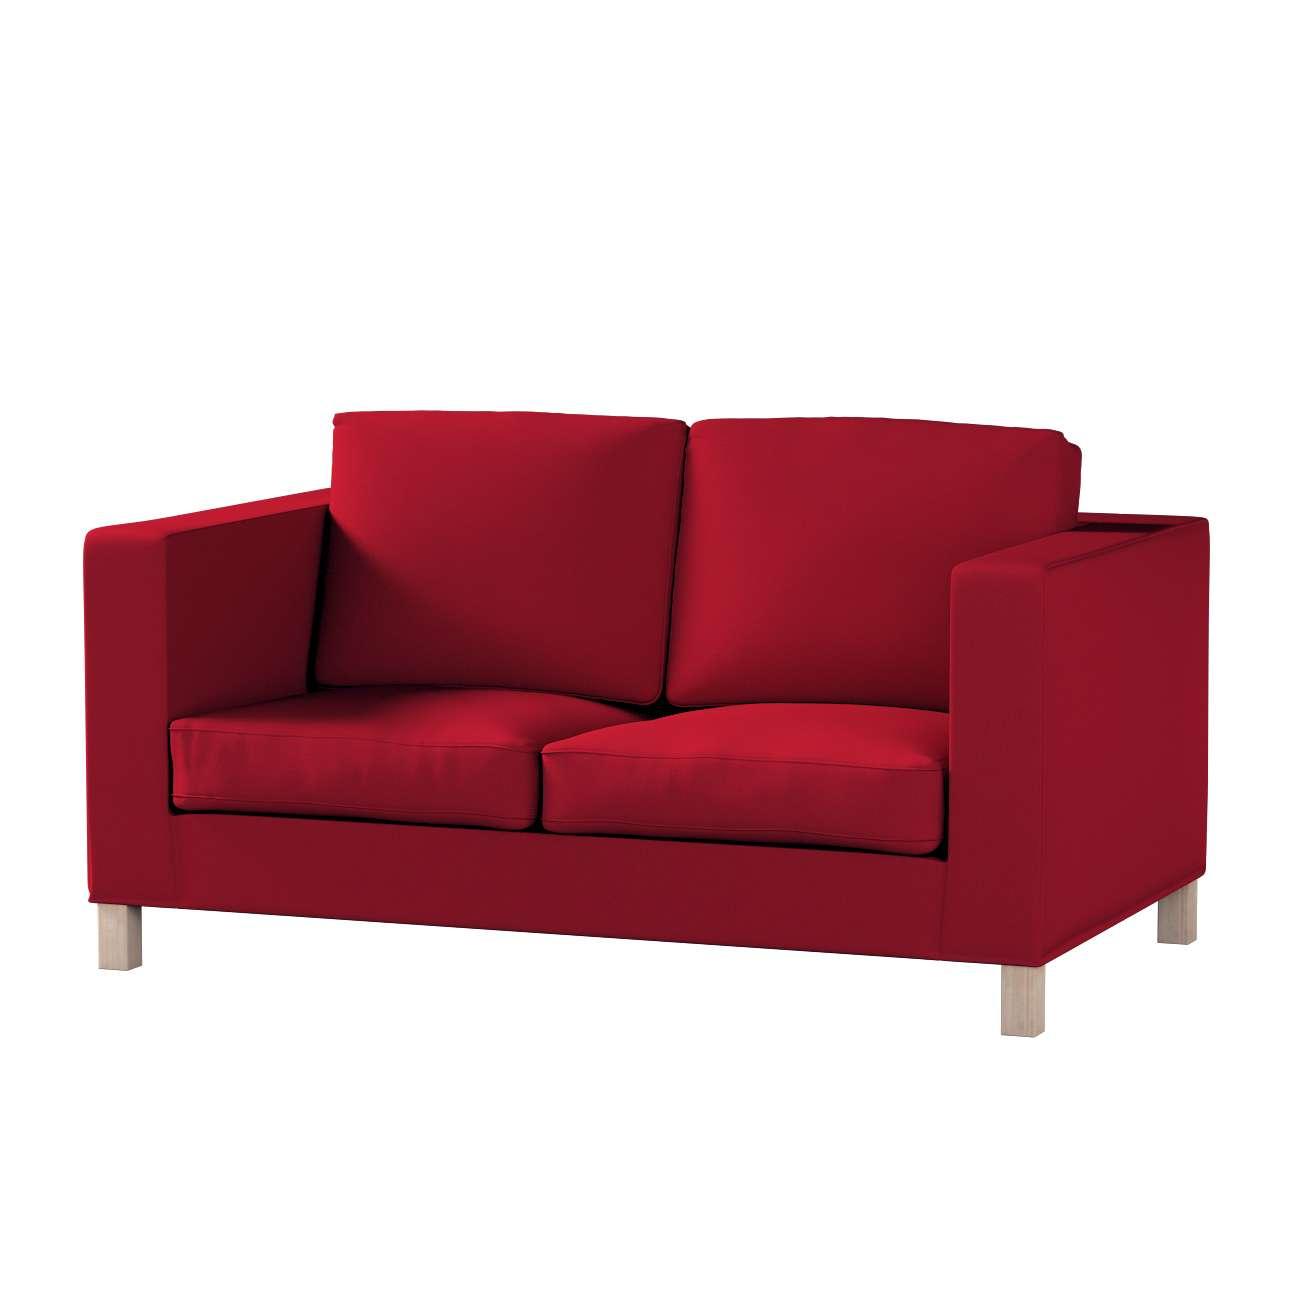 Bezug für Karlanda 2-Sitzer Sofa nicht ausklappbar, kurz von der Kollektion Etna, Stoff: 705-60